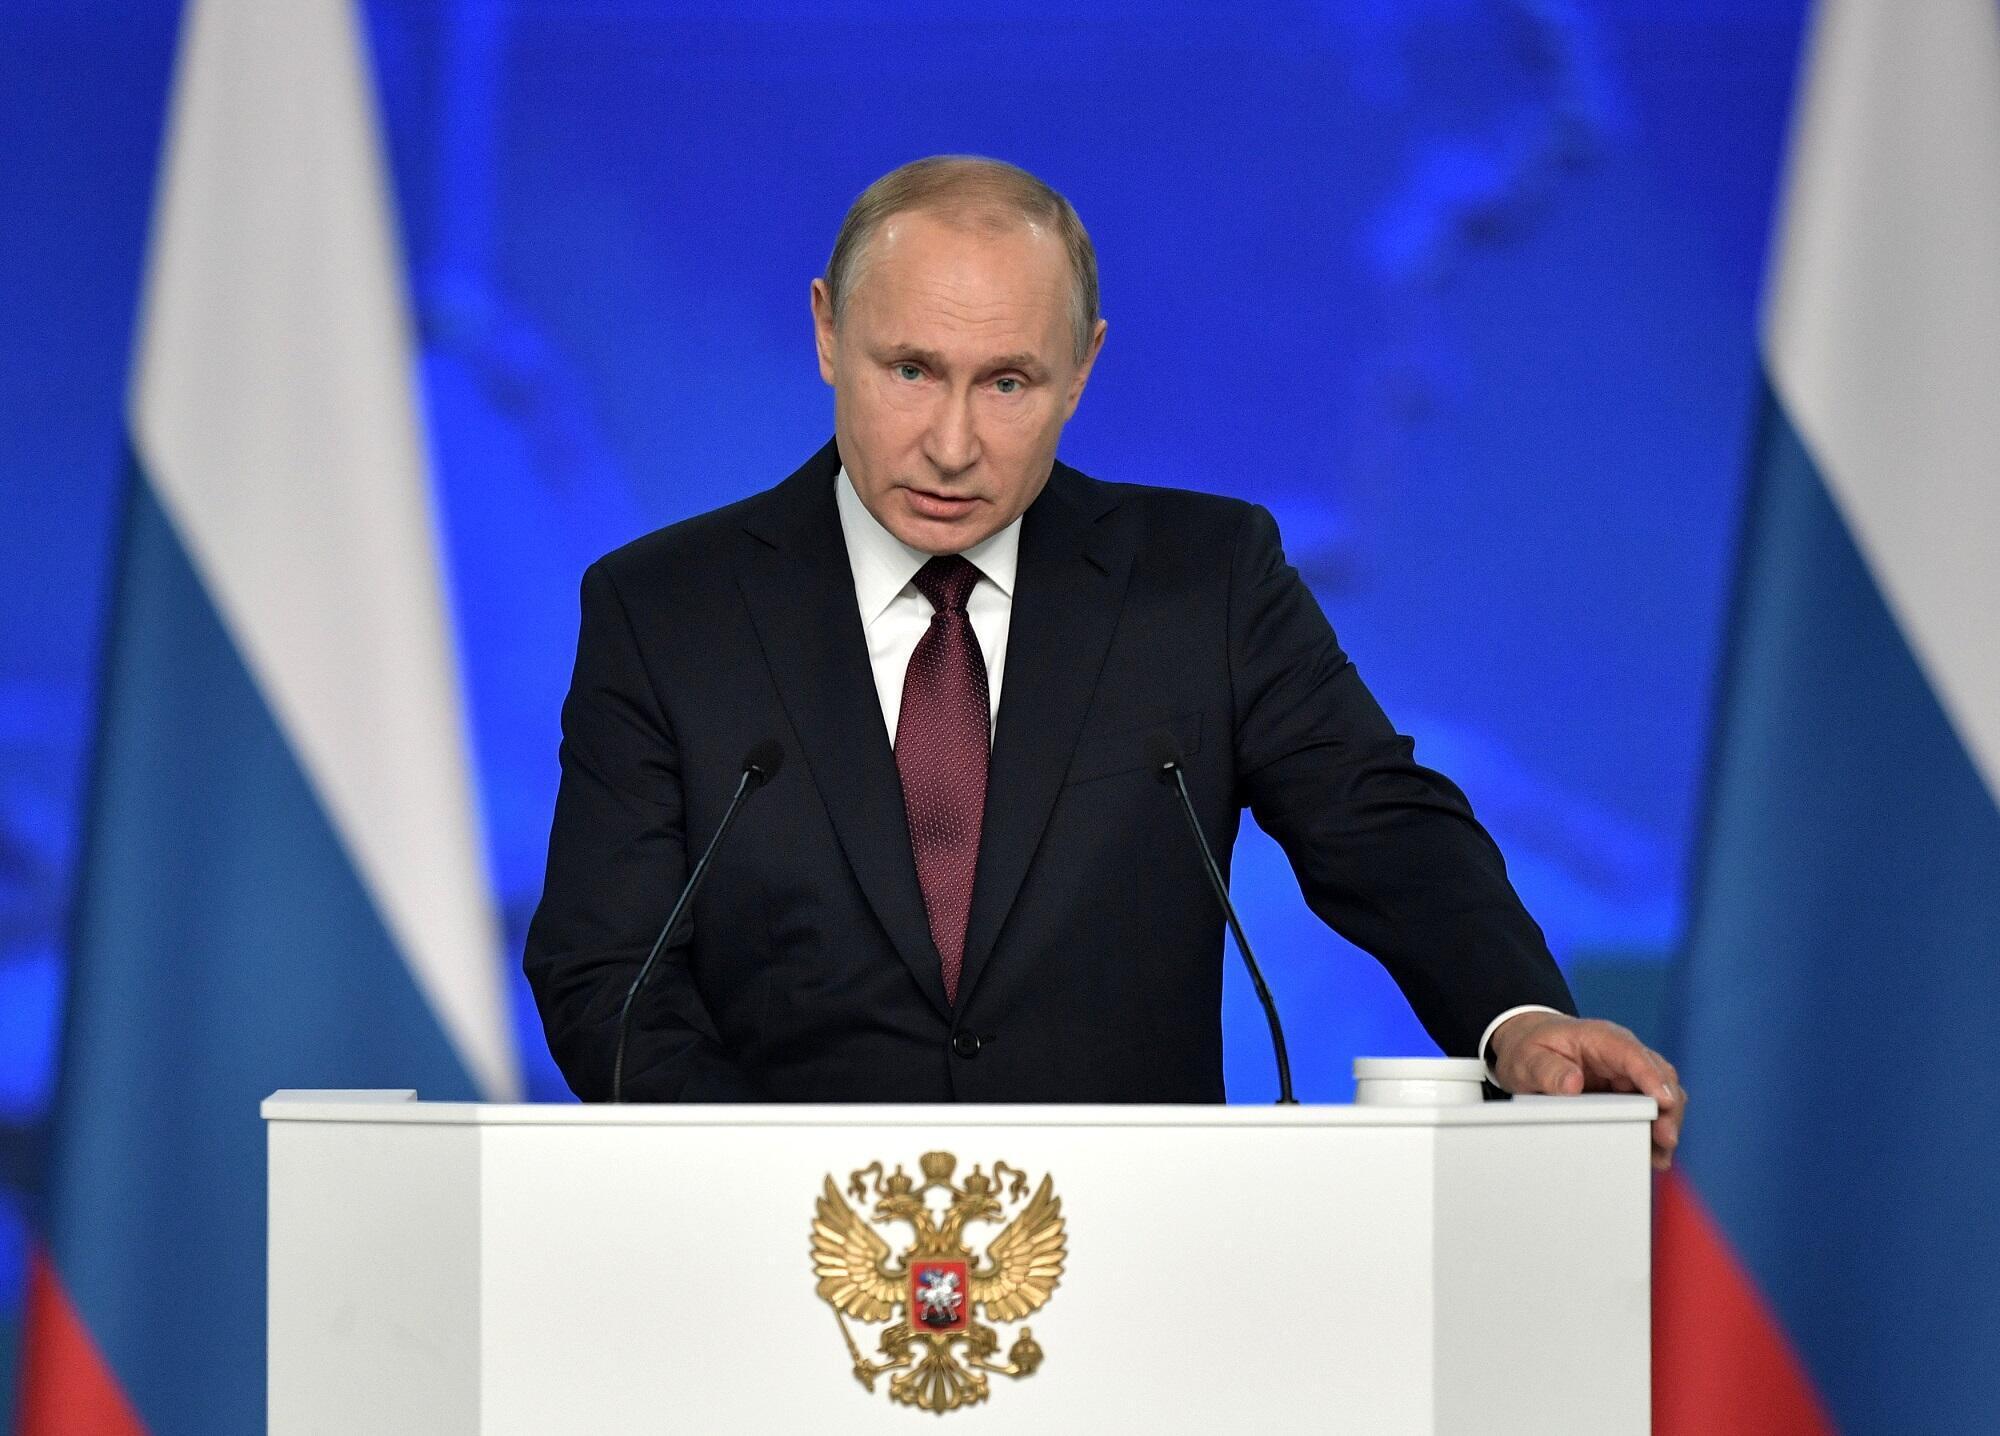 Tổng thống Nga Vladimir Putin phát biểu trước Nghị Viện Nga tại Mátxcơva ngày 20/02/2019.